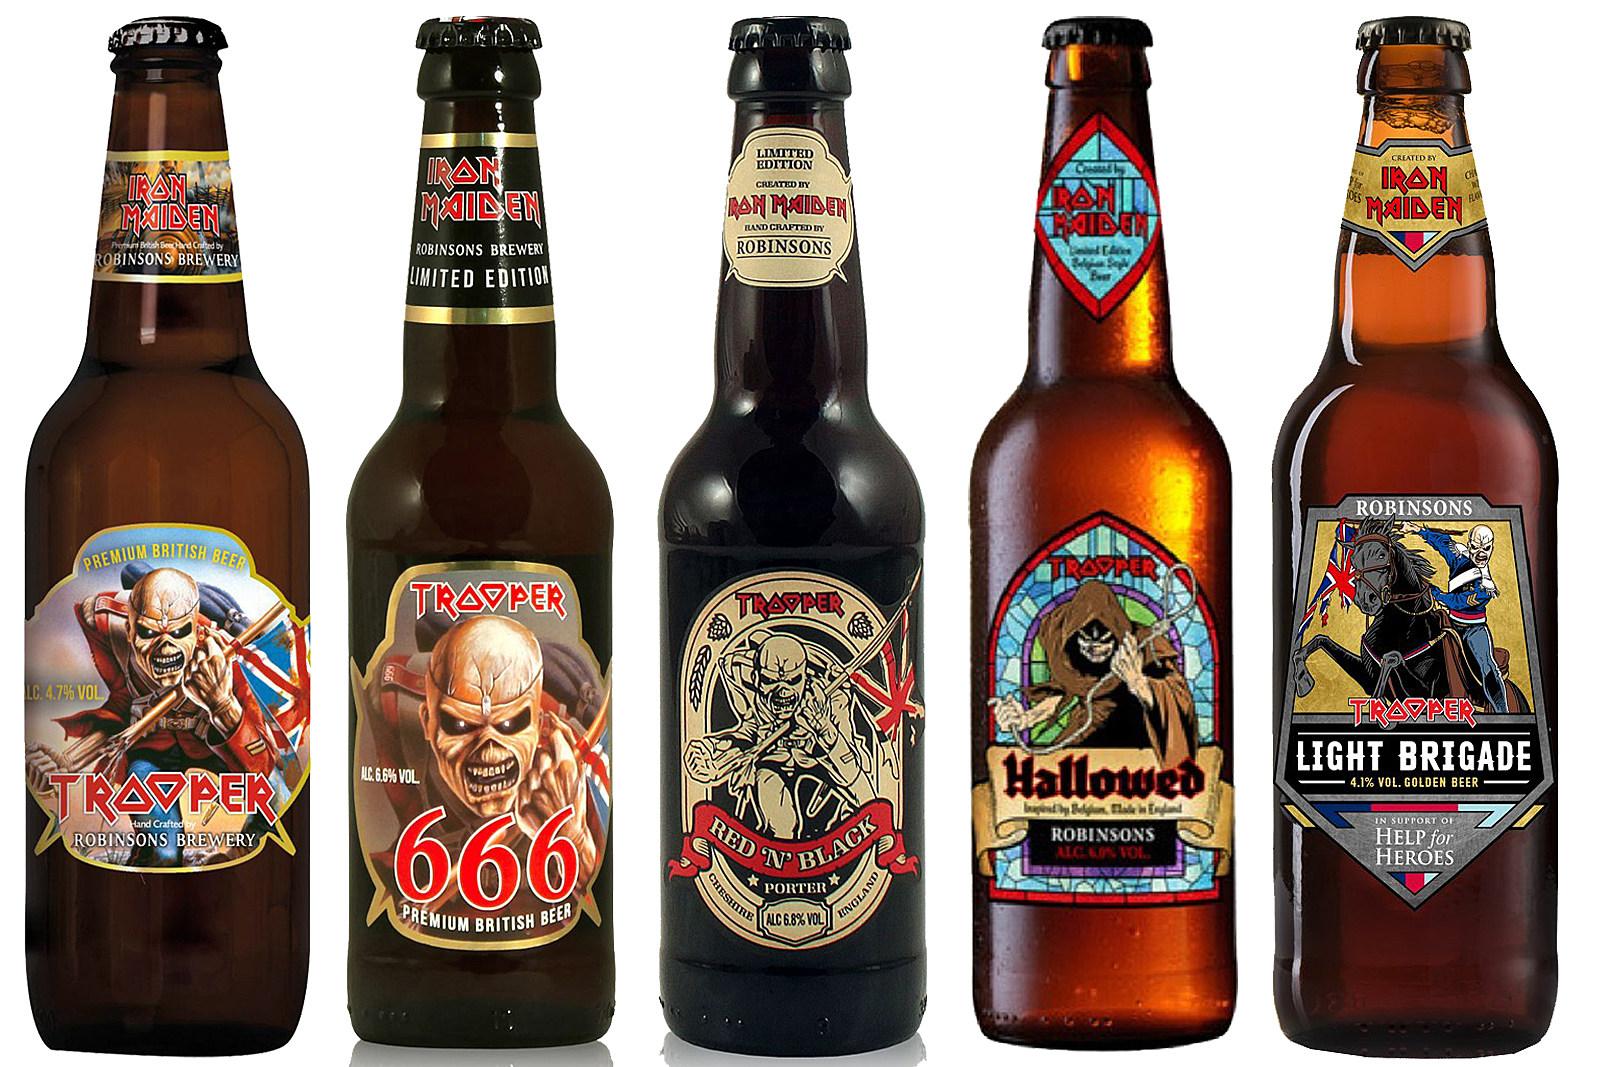 Znalezione obrazy dla zapytania trooper beer